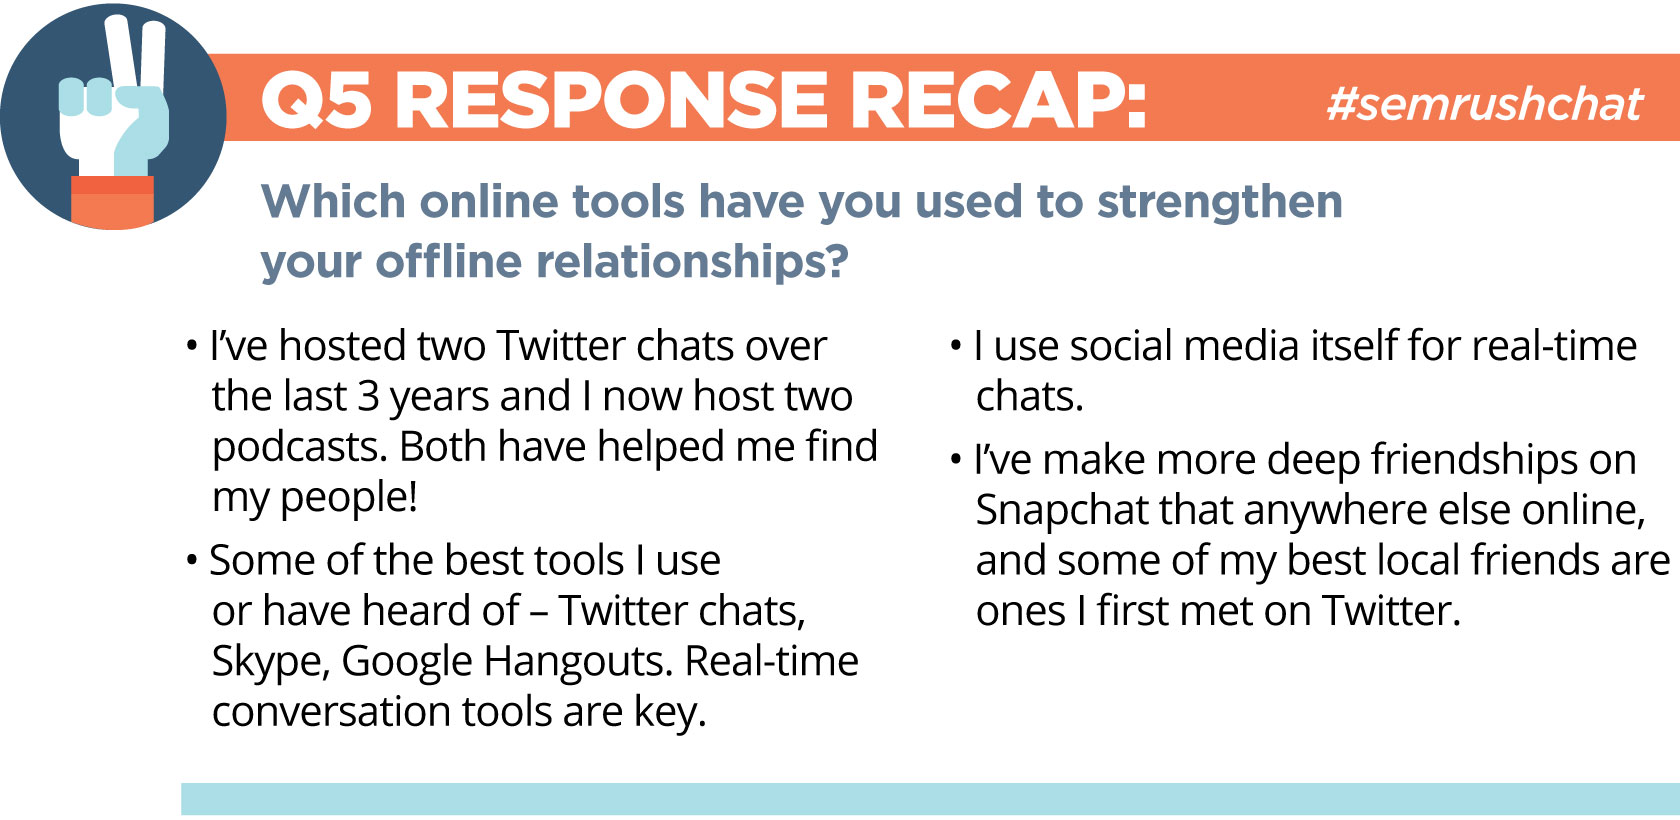 SEMrush Chat Recap Q5